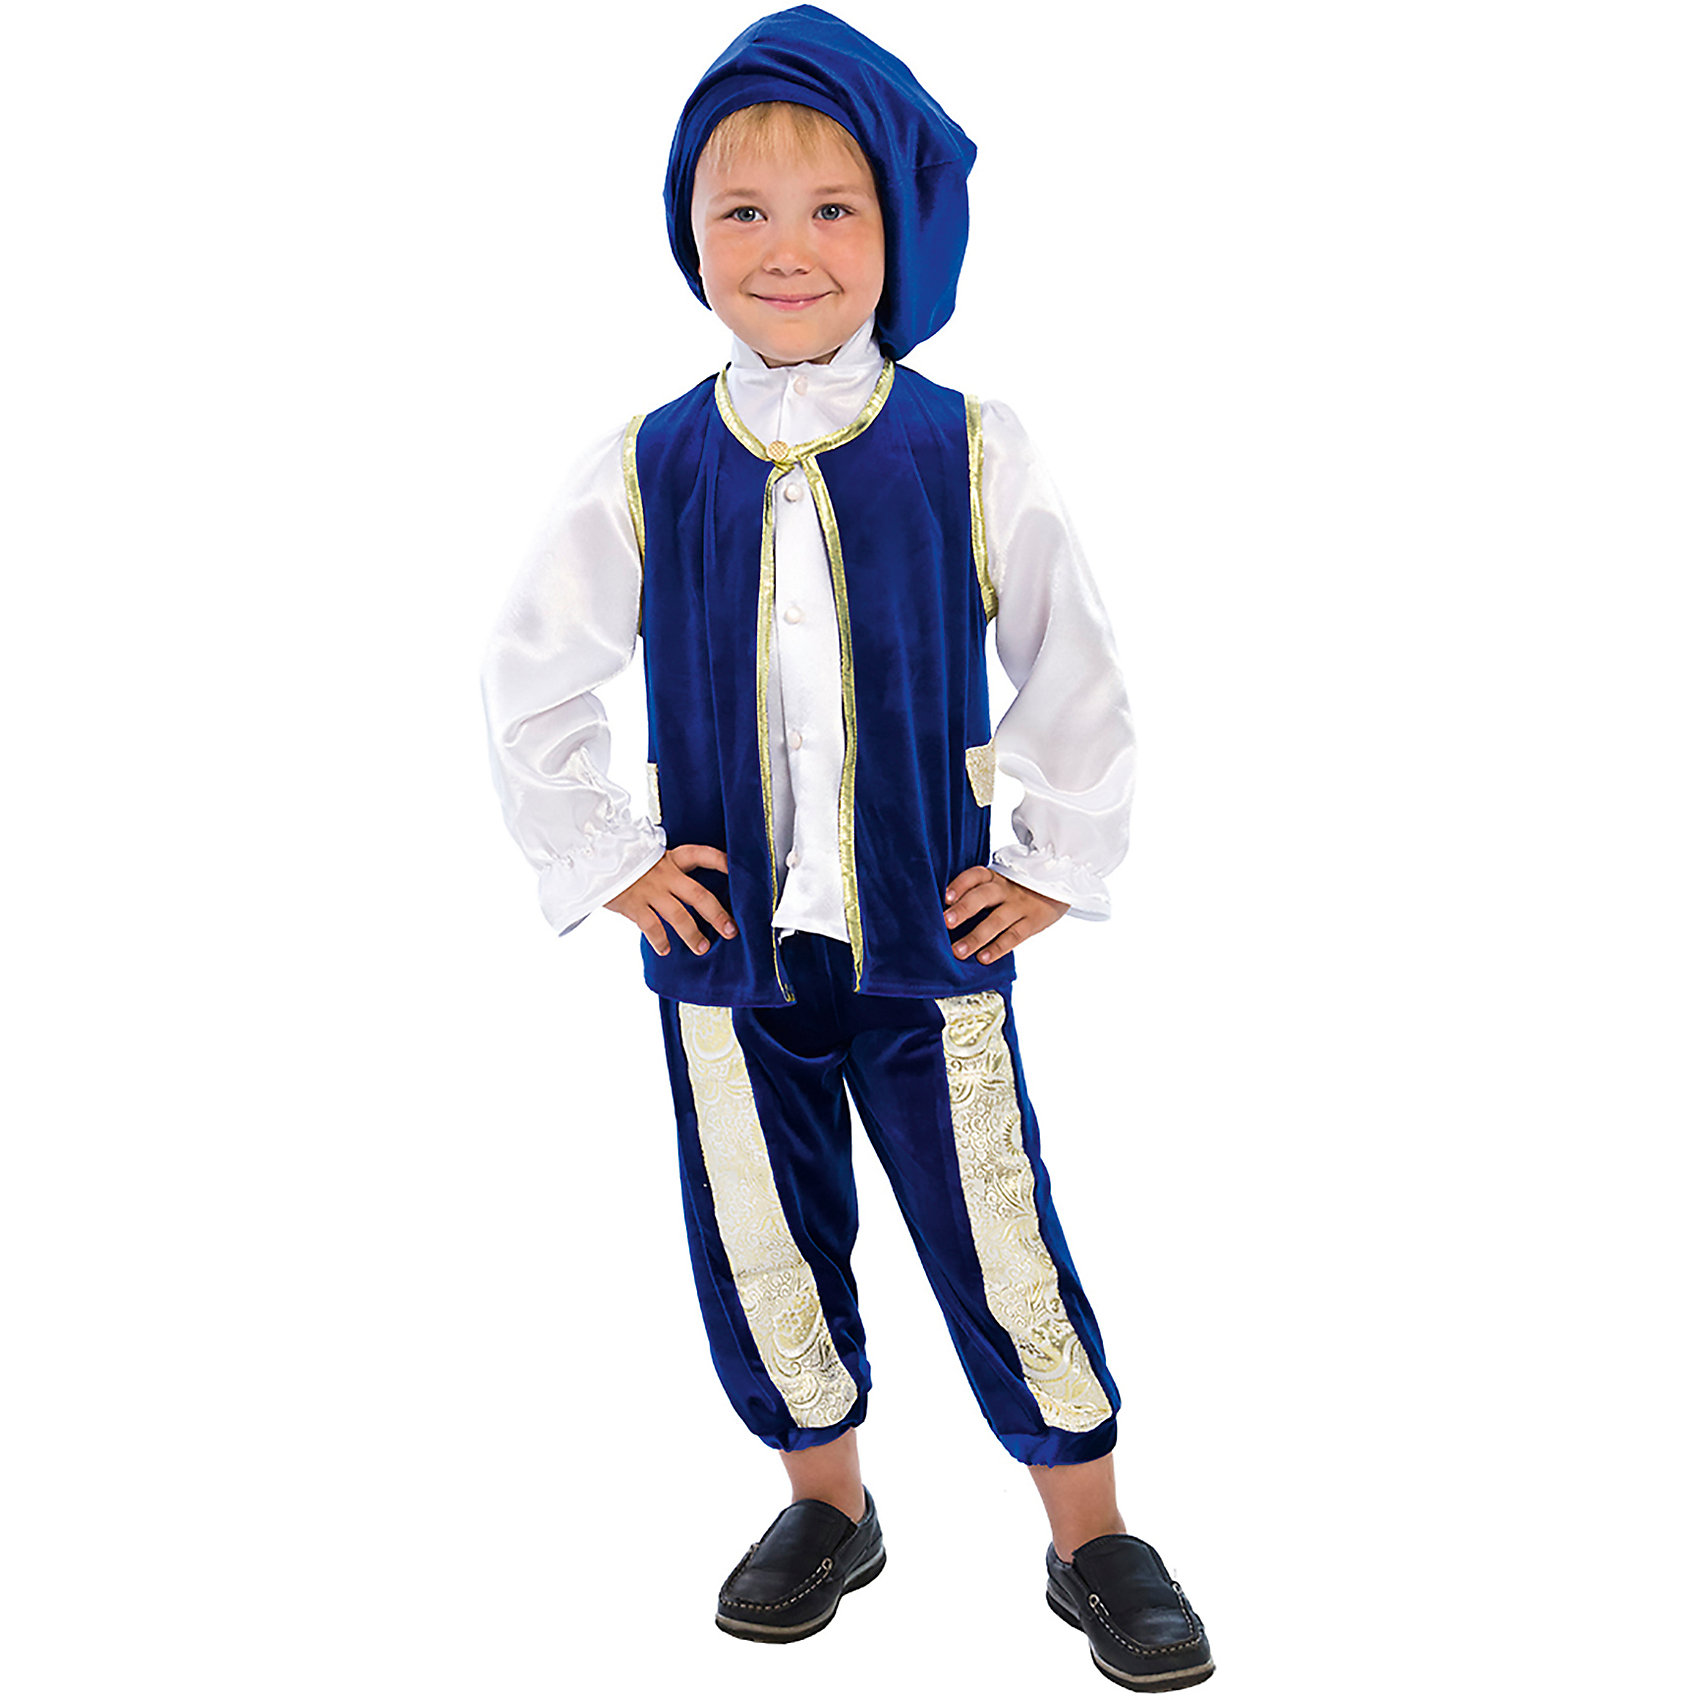 Карнавальный костюм для мальчика Принц Люкс, ВестификаКарнавальные костюмы и аксессуары<br>Самый романтичный герой всех времен и народов - принц из сказки Золушка лег в основу карнавального костюма «Принц». Богатое мерцание бархата, роскошный блеск парчи играют и переливаются в каждой складке изделия. Насыщенный и глубокий синий цвет жилета и бридж выгодно контрастирует с лоском белой атласной рубашки с высоким воротом и оборками на рукавах. Жилет фиксируется на шее золотым бантиком. Полочки жилета украшены лацканами из парчи и отделаны золотой каймой. Благодаря вставкам из настоящей золотой парчи бриджи имеют оригинальную геометрию. Длина бридж может регулироваться по желанию резинкой, вставленной по низу изделия. Дополняет комплект широкий бархатный берет. Благодаря тому, что карнавальный костюм «Принц» выполнен из высококачественного стрейч-бархата, его очень комфортно носить. Настоящий костюм, достойный двора Его Королевского Величества! Рекомендуем дополнить комплект белыми носочками или гольфами и синими или белыми ботинками.<br><br>Дополнительная информация:<br><br>Комплектация:<br>Жилет из стрейч-бархата с лацканами из парчи <br>Бриджи из стрейч-бархата со вставками из парчи <br>Берет из стрейч-бархата<br>Ткани:<br>Стрейч-бархат (95% полиэстер, 5% эластан)<br>Крепсатин (100% полиэстер)<br>Парча (100% полиэстер)<br><br>Карнавальный костюм для мальчика Принц Люкс, Вестифика можно купить в нашем магазине.<br><br>Ширина мм: 236<br>Глубина мм: 16<br>Высота мм: 184<br>Вес г: 340<br>Цвет: белый<br>Возраст от месяцев: 36<br>Возраст до месяцев: 60<br>Пол: Мужской<br>Возраст: Детский<br>Размер: 98/104,110/116<br>SKU: 4389249